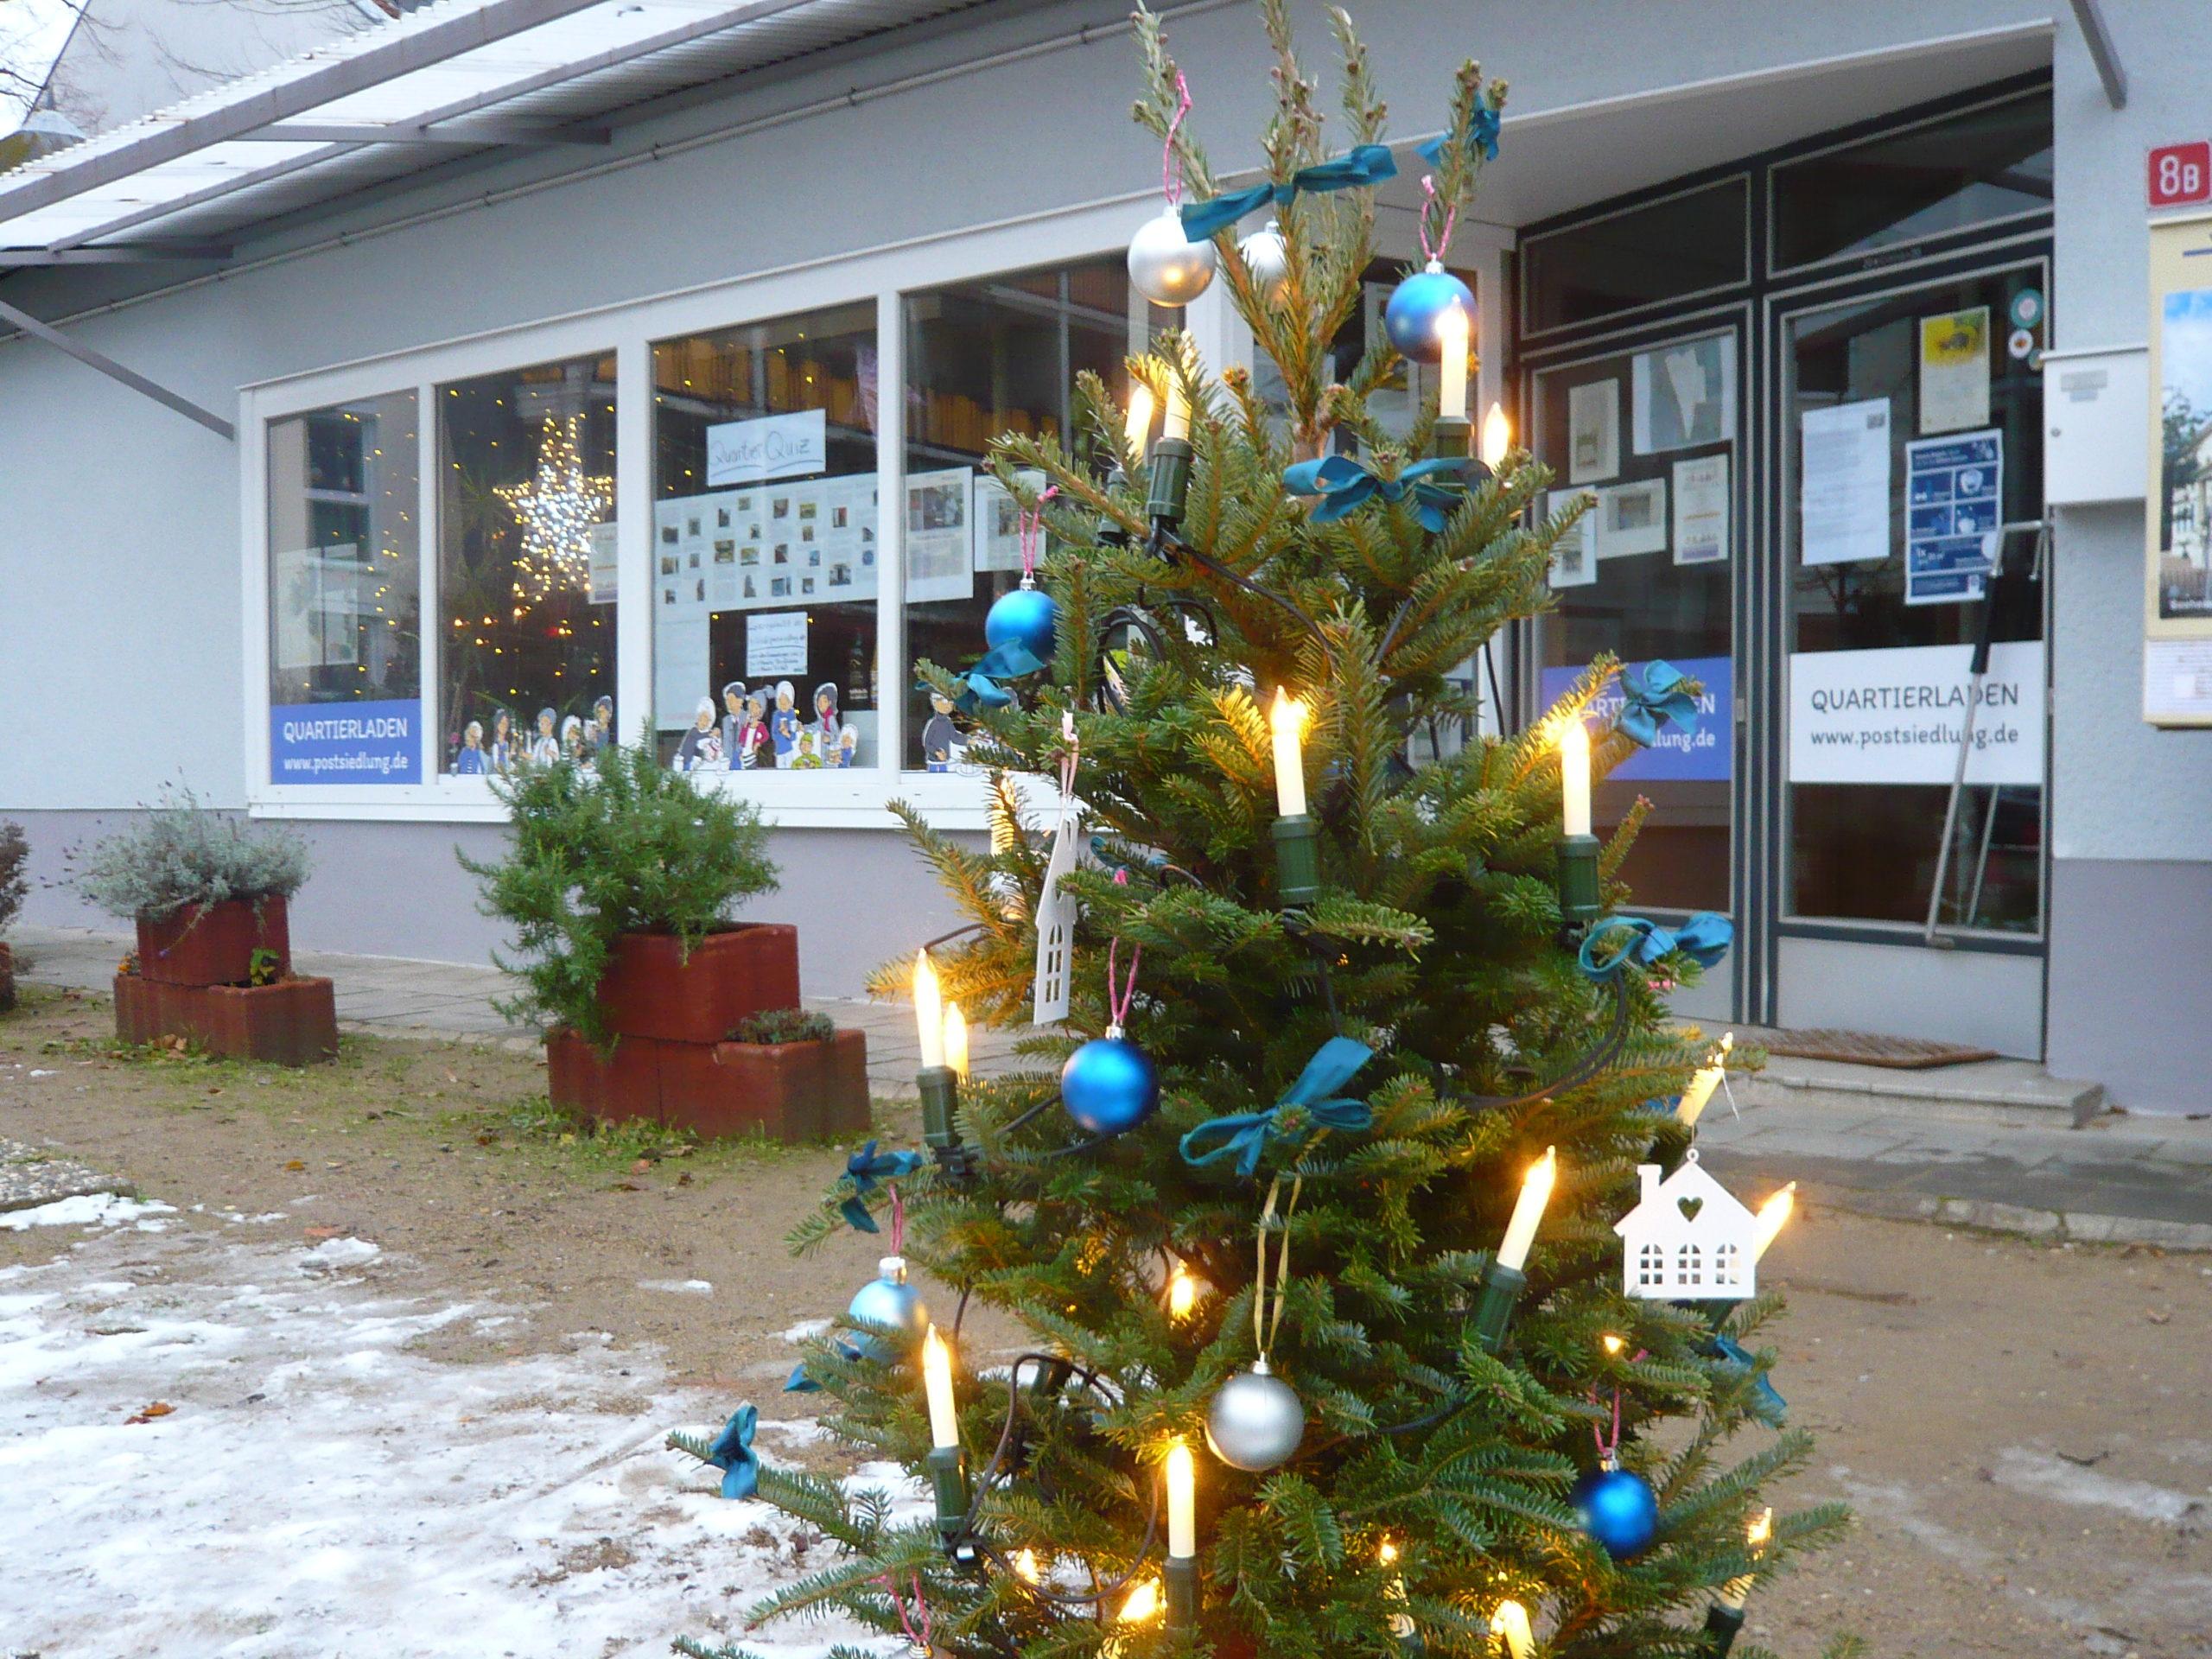 Wir wünschen einen schönen Advent!